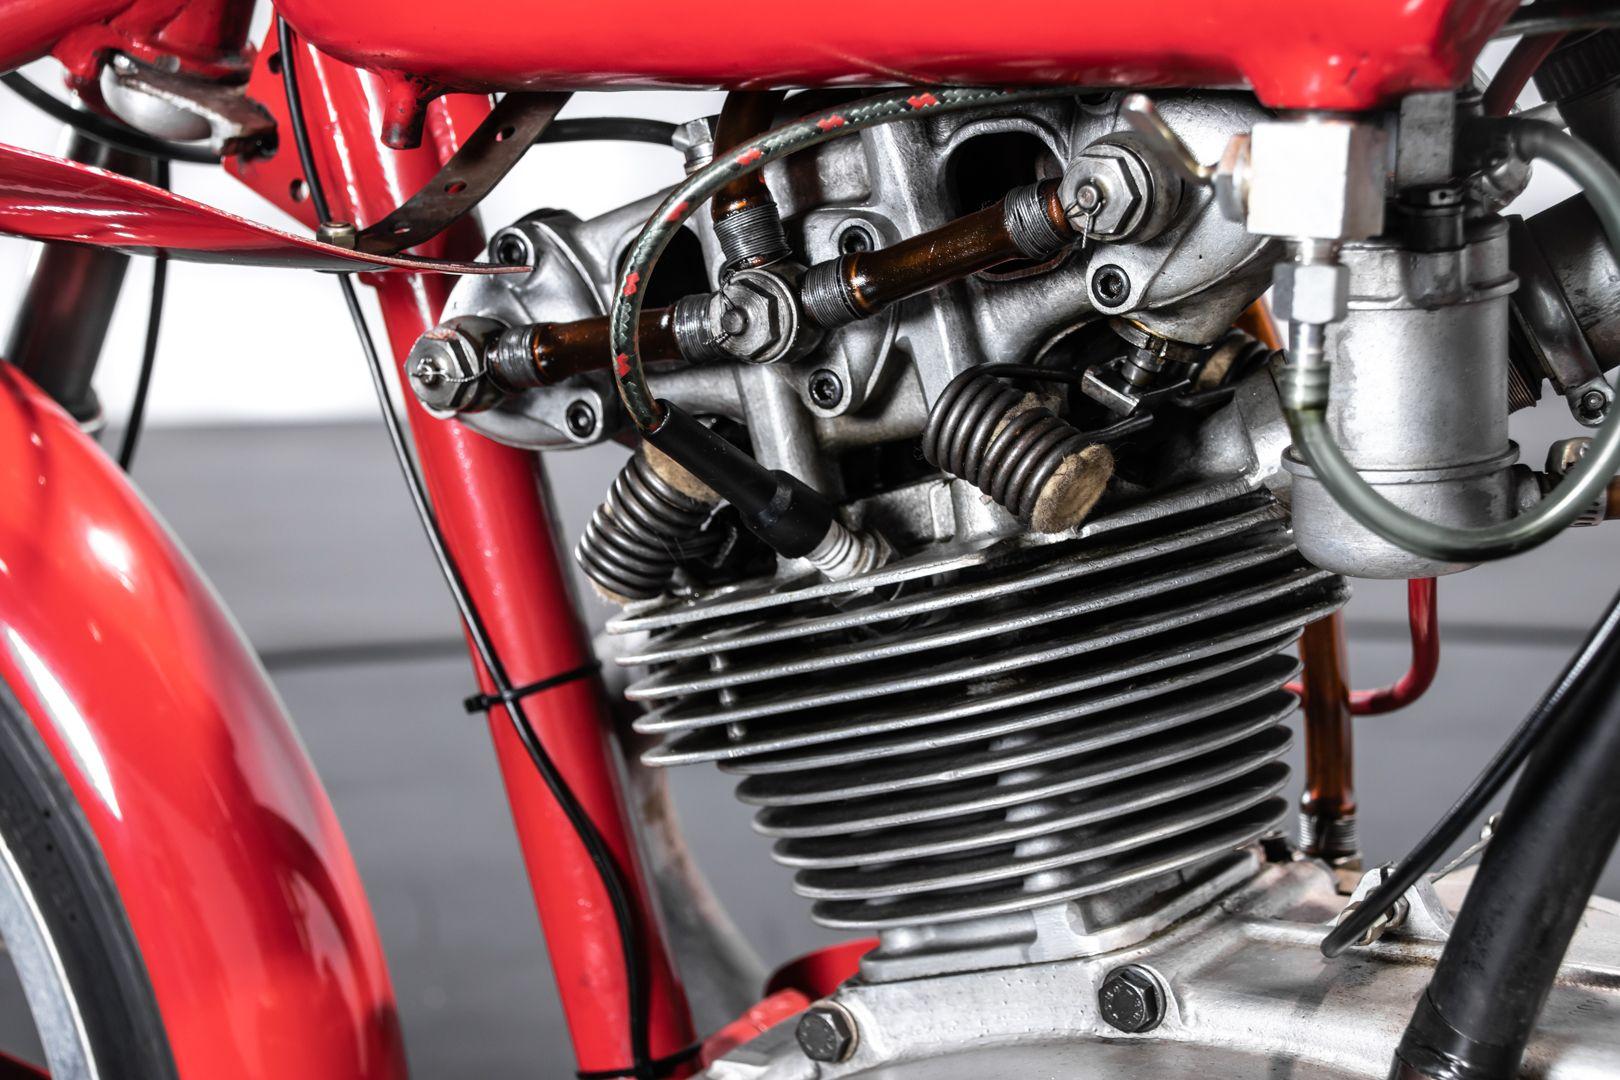 1957 Ducati 125 Bialbero Corsa 77175